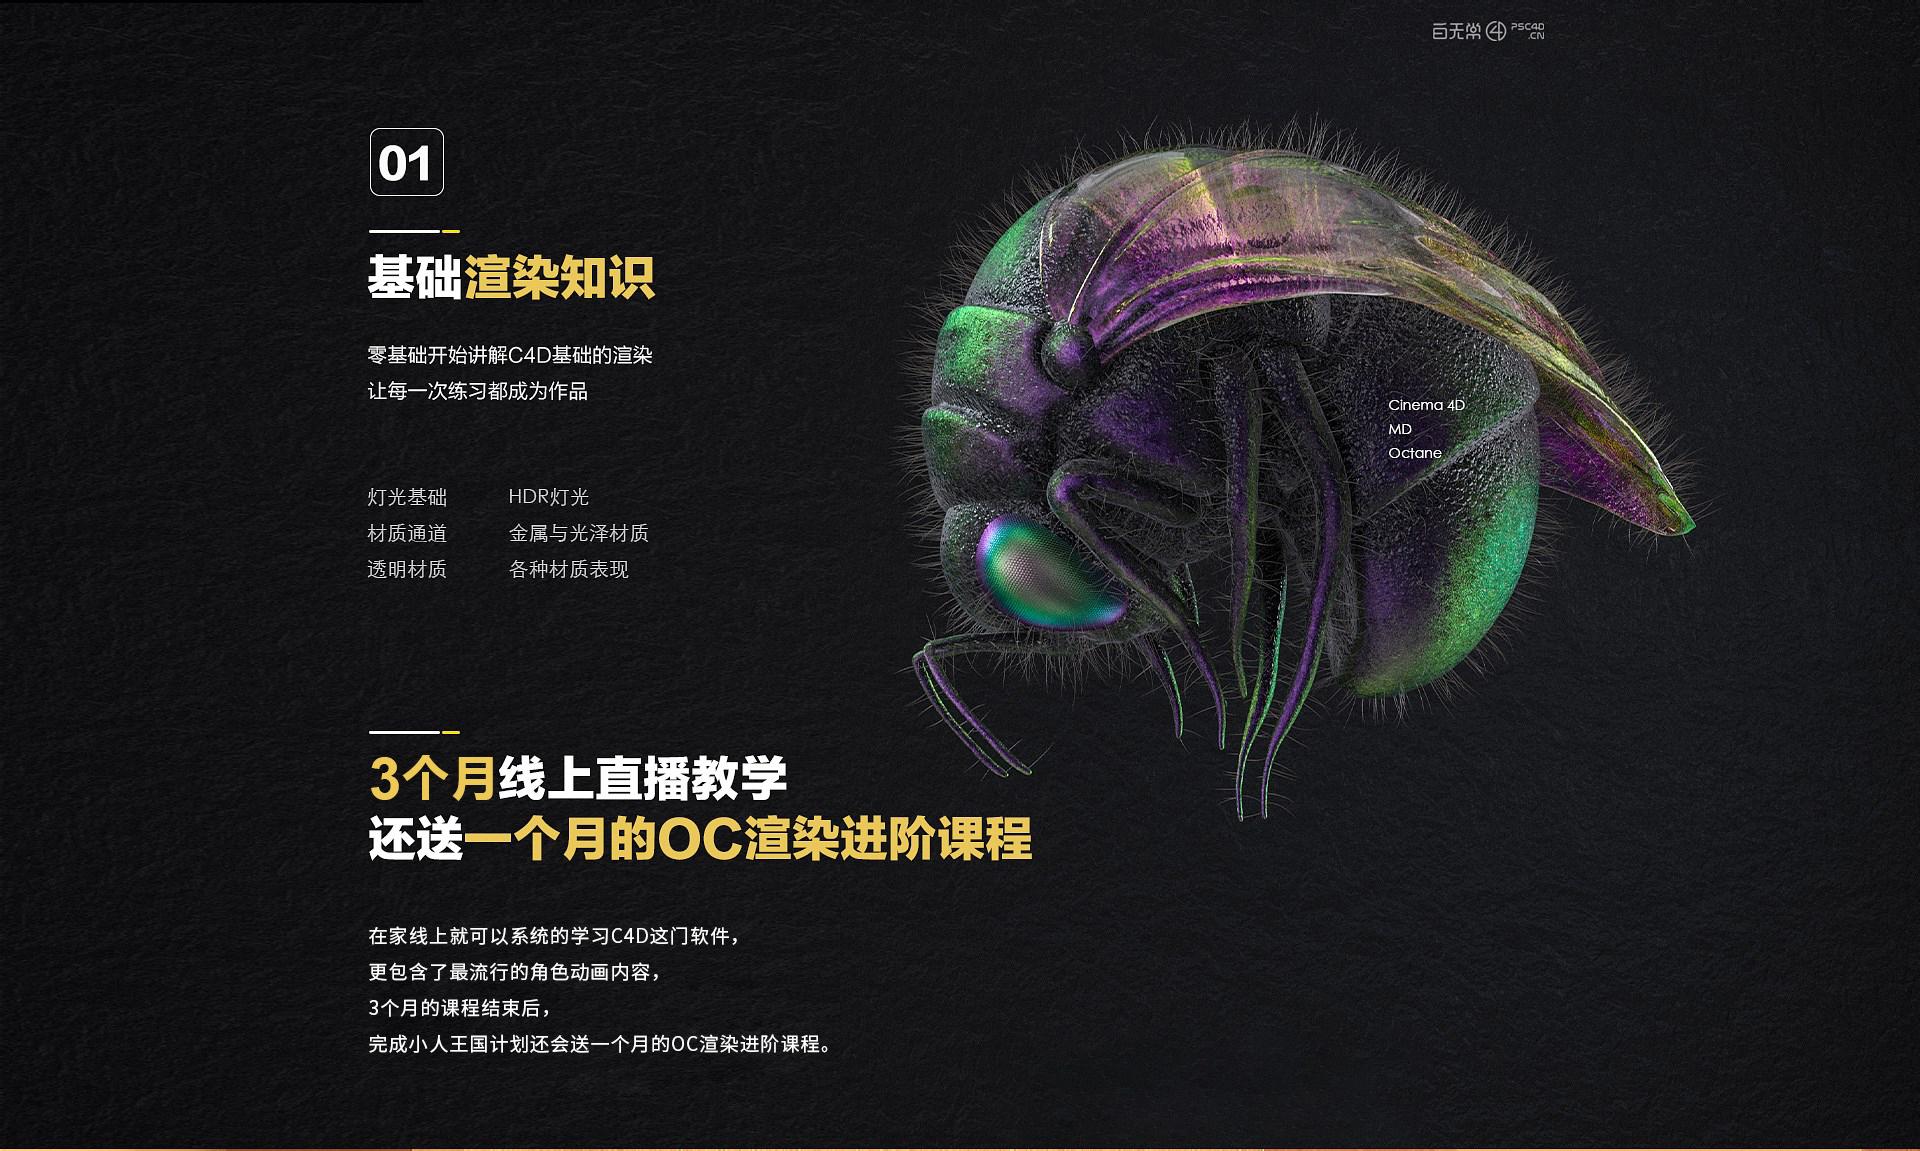 2020精英班课程大纲(适配版)_02.jpg